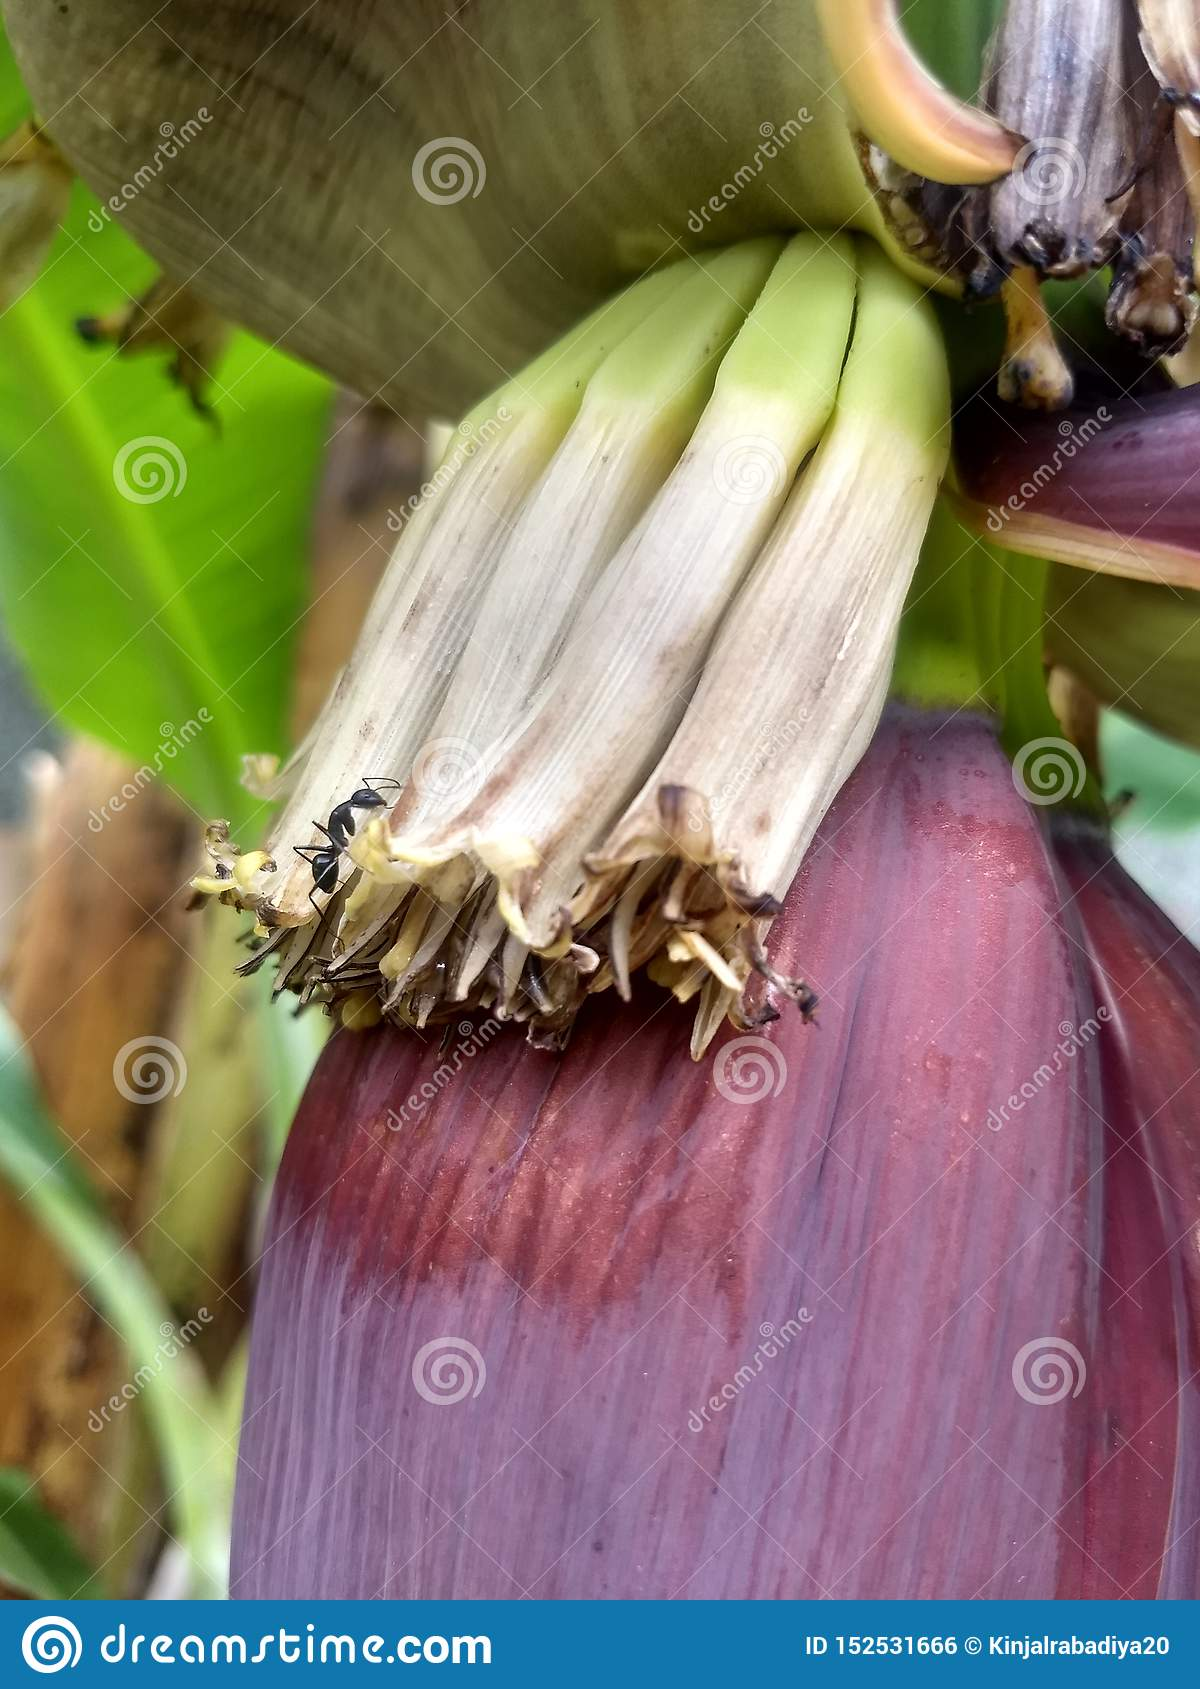 Lutter Contre Les Fourmis Au Jardin Charmant Fourmi Noire Mangeant La Fleur De Banane De Bébé Dans Mon